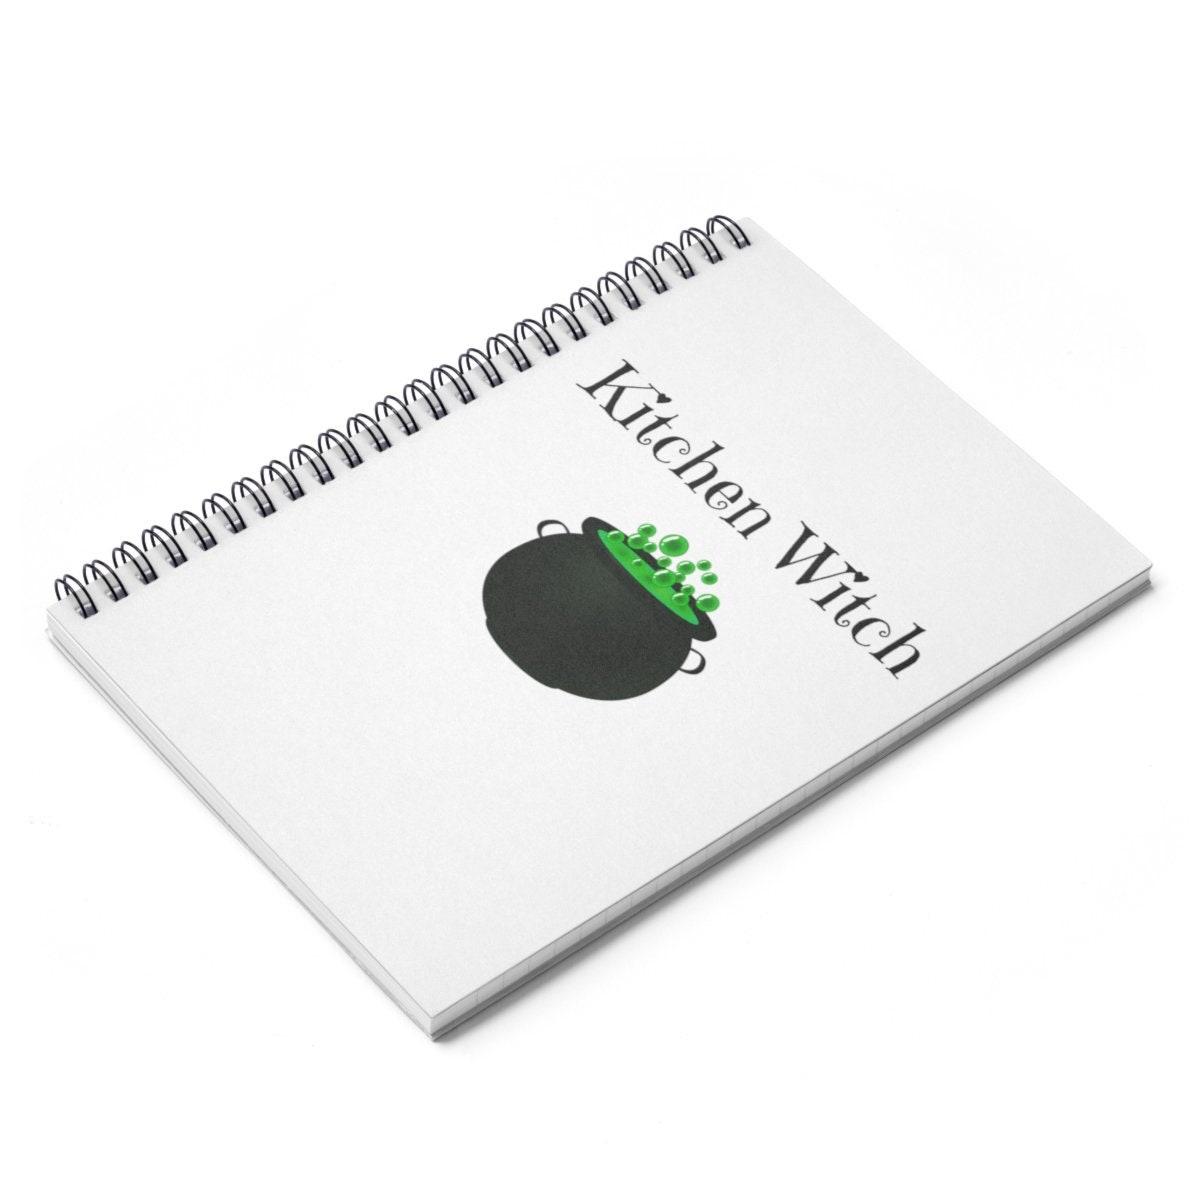 Spaß Küche-Hexe-Rezept-Buch für Köche-Spiral-Notizbuch liniert